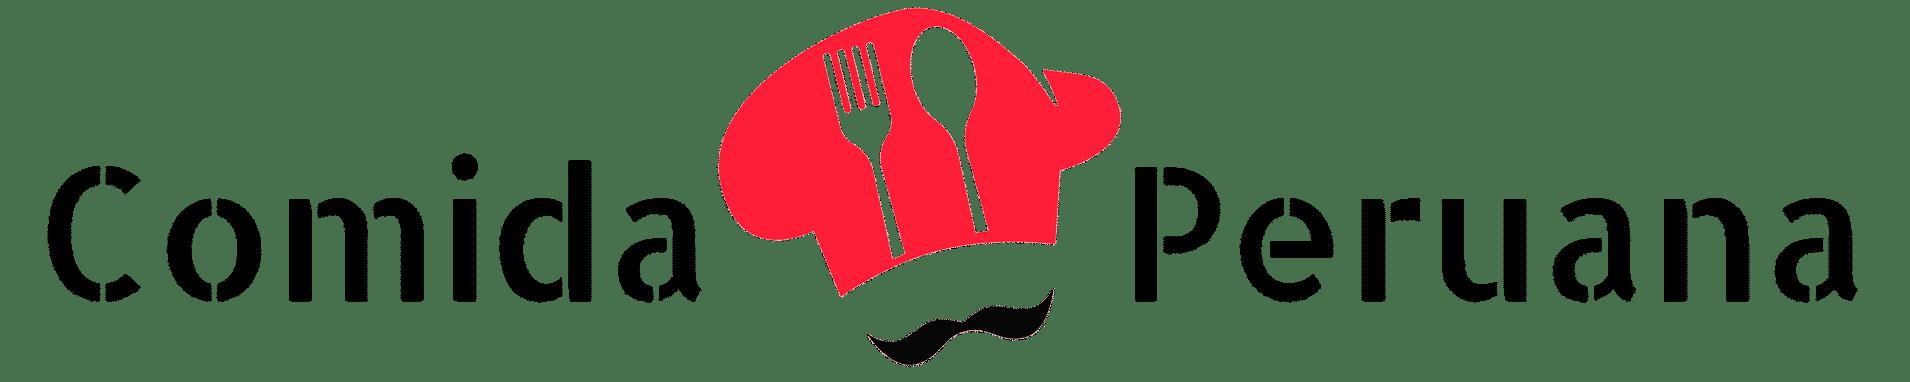 Comidas Peruanas